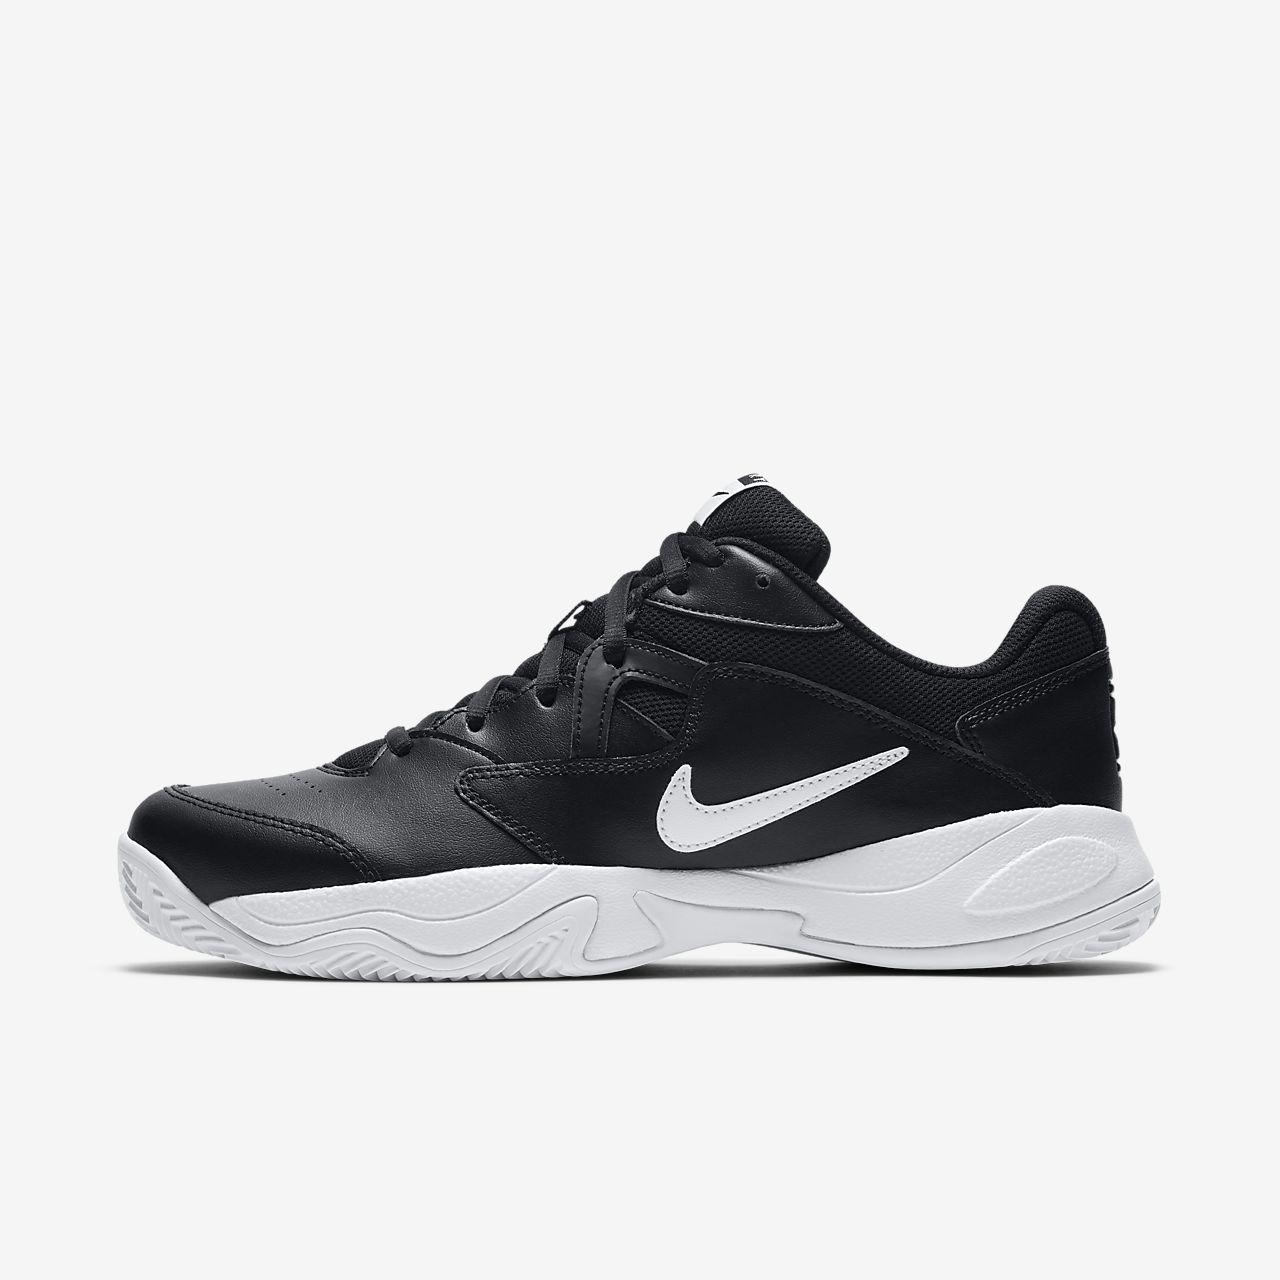 NikeCourt Lite 2 Tennisschoen voor heren (gravel)